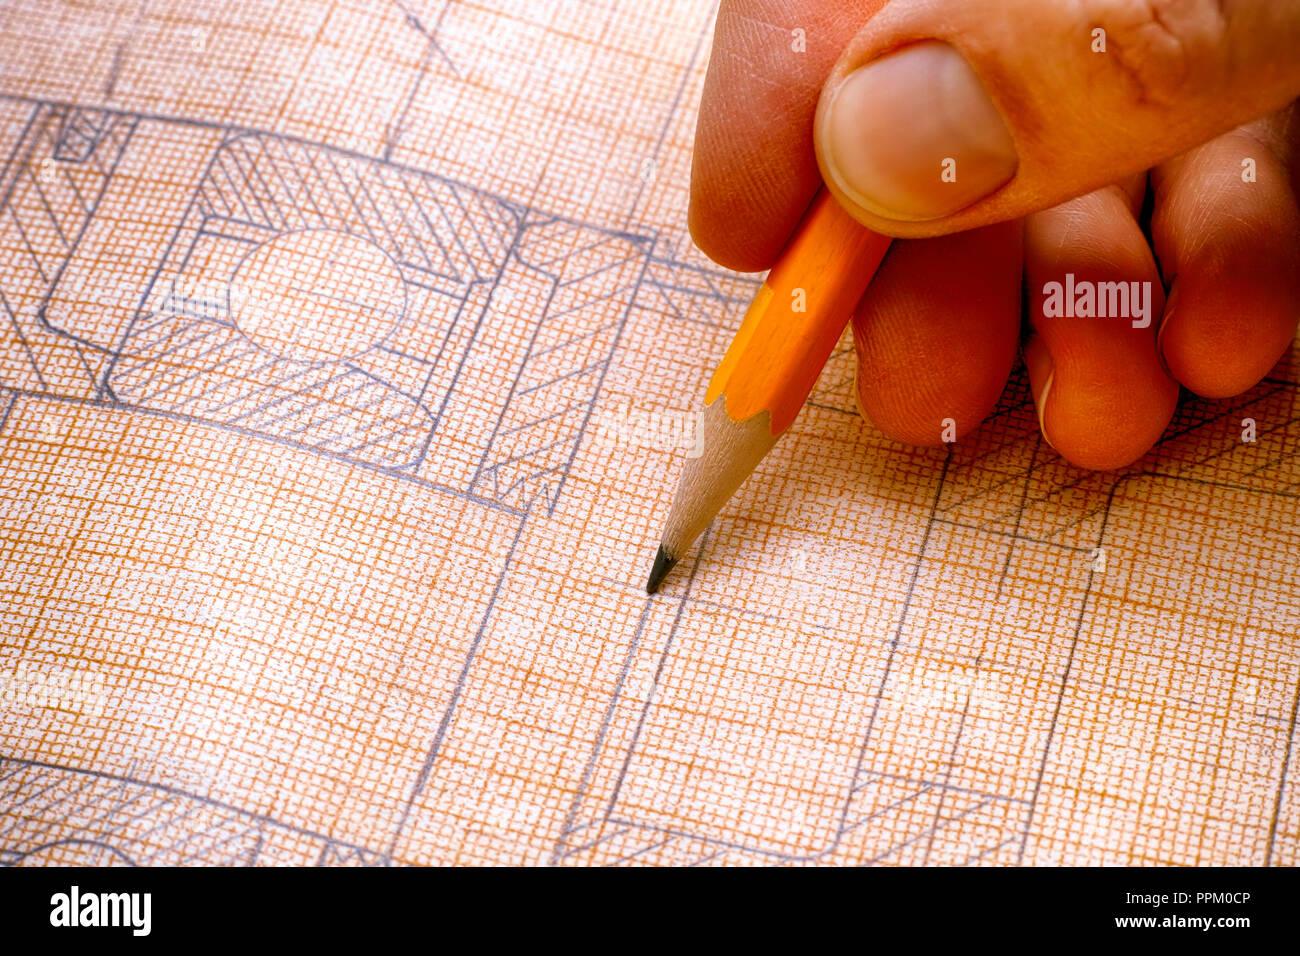 Persona mano con matita e disegno tecnico. Close-up. Immagini Stock